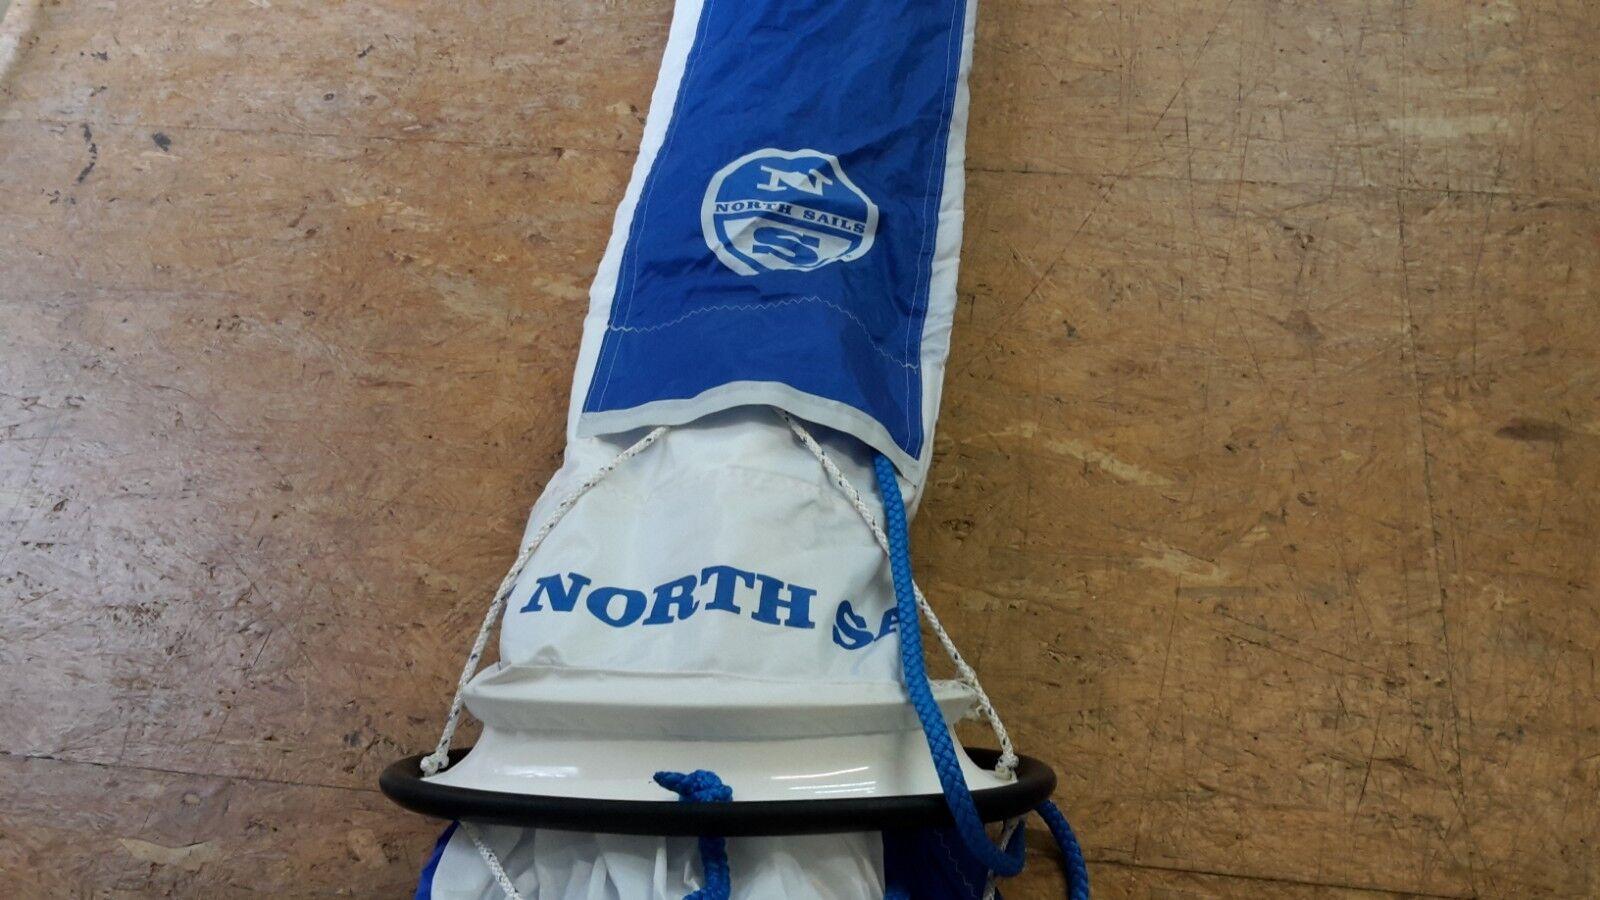 -North Sails- Bergeschlauch für Gennaker, Spi, Blister, Blister, Spi, etc. -North Sails- 0297ed